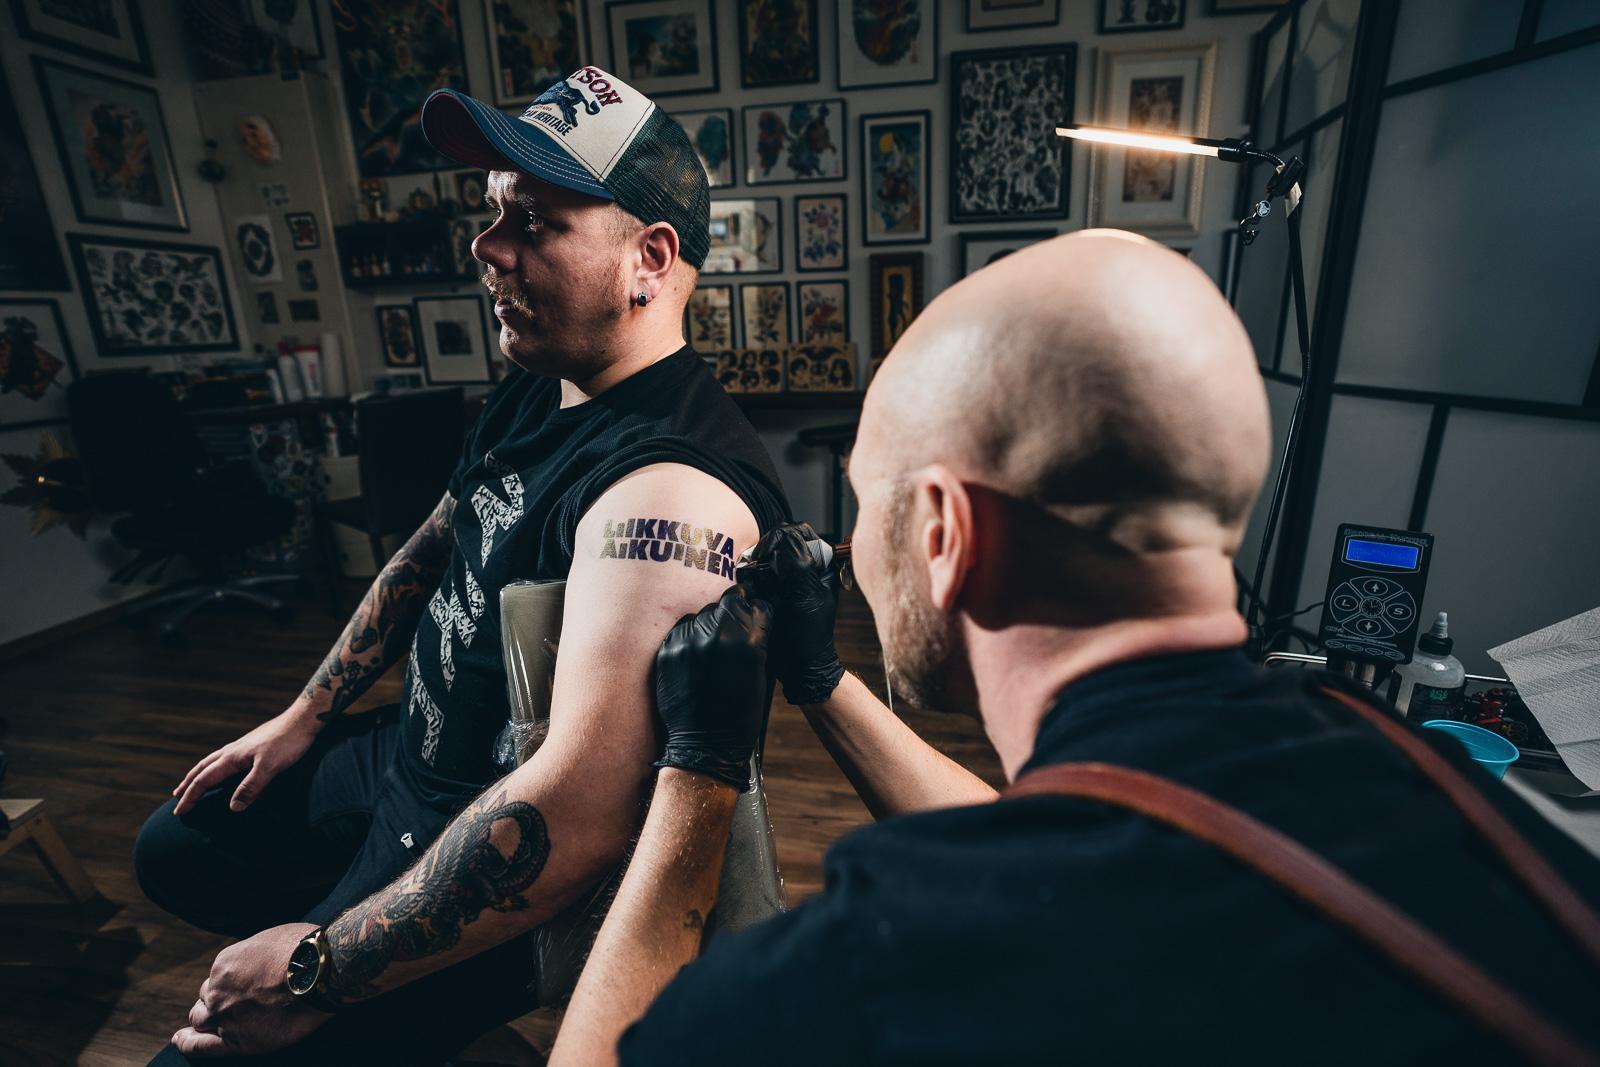 Tatuoija tatuoi miehen olkapäähän Liikkuva aikuinen -logoa.